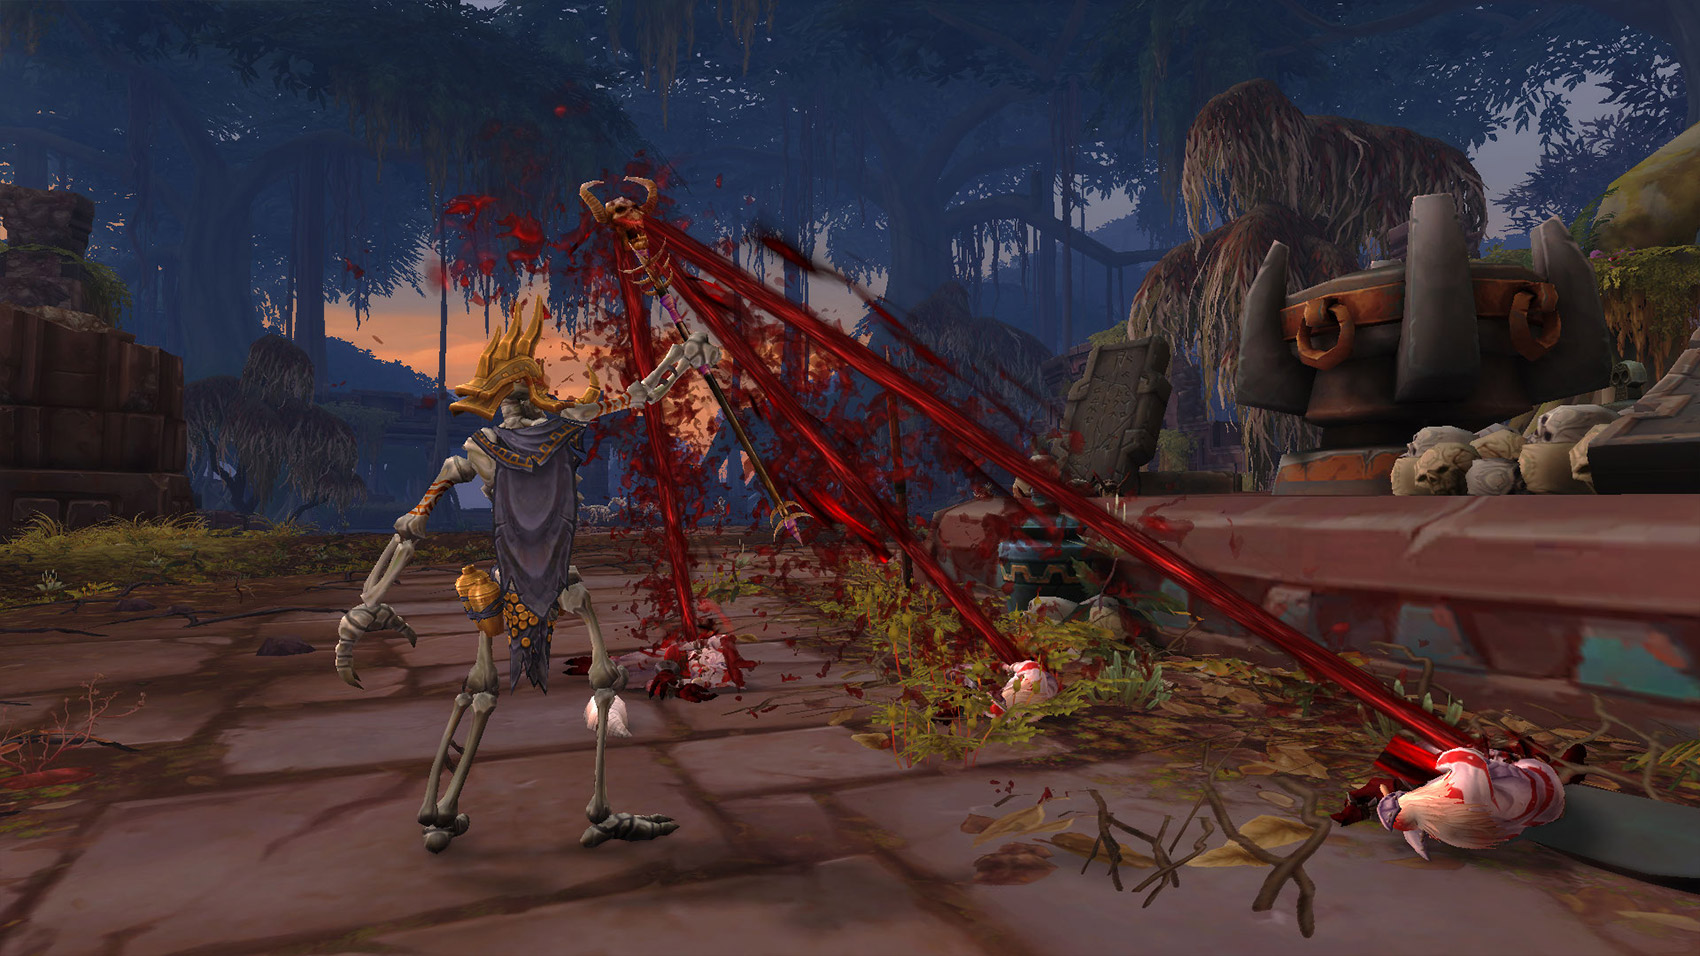 L'Alliance a conclu un pacte avec les trolls de sang de Nazmir.